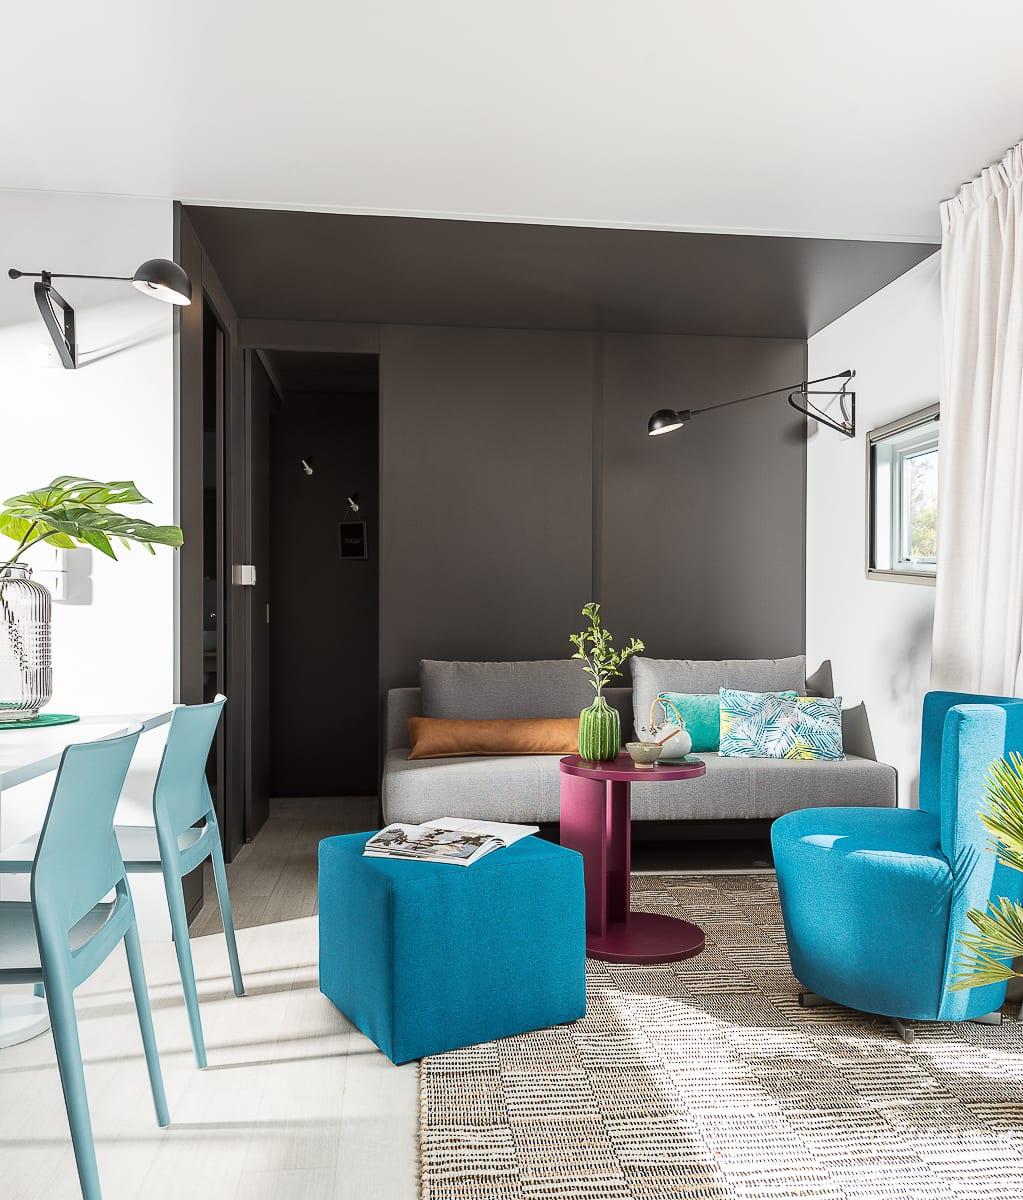 Louisiane Taos F6R - mobil home neuf - Rés - 2019 - Zen Mobil homes